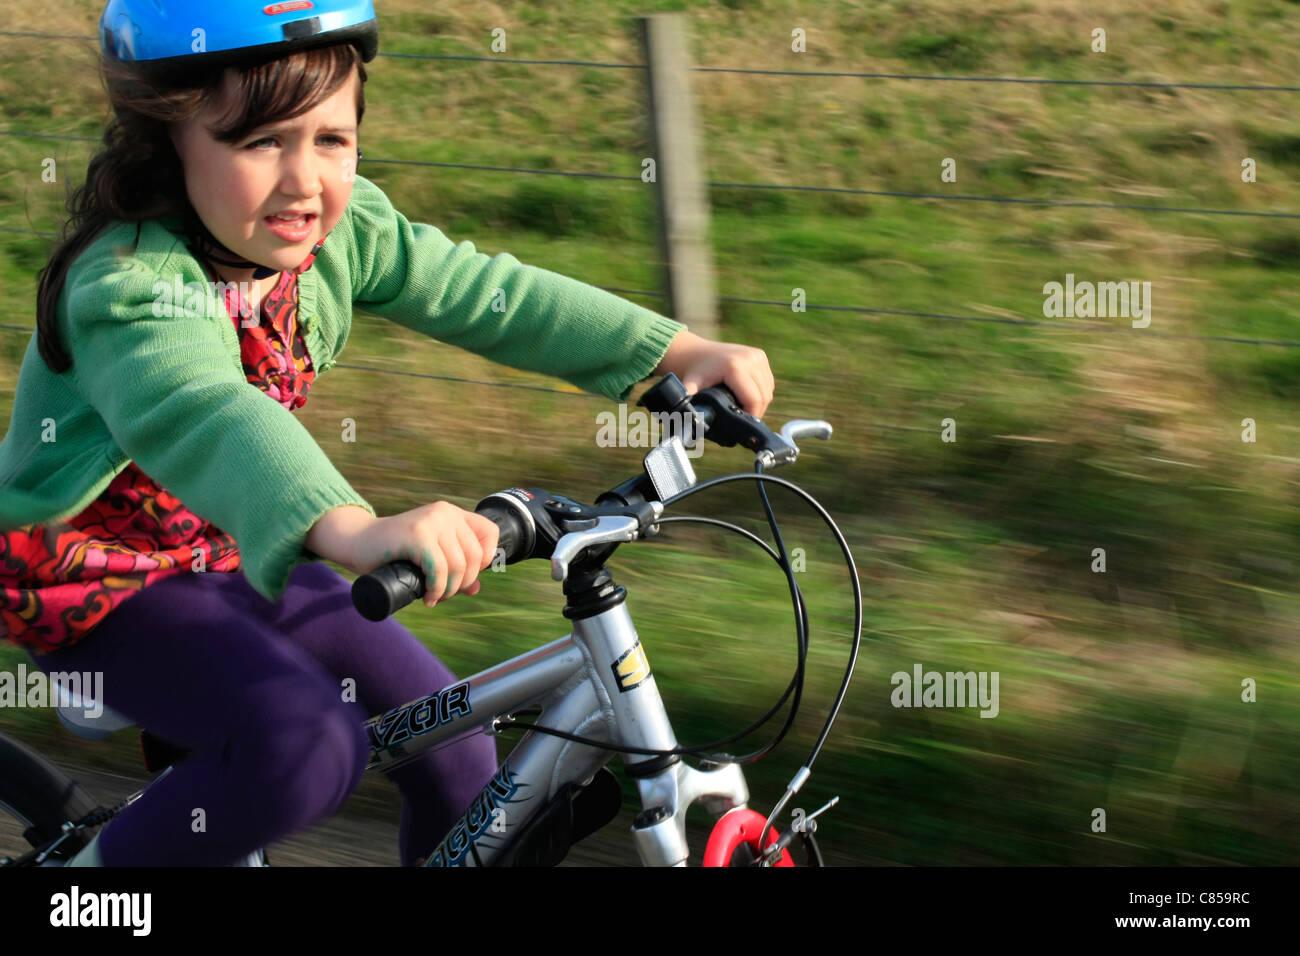 Bénéficiant de l'enfant l'air frais sur un vélo Photo Stock